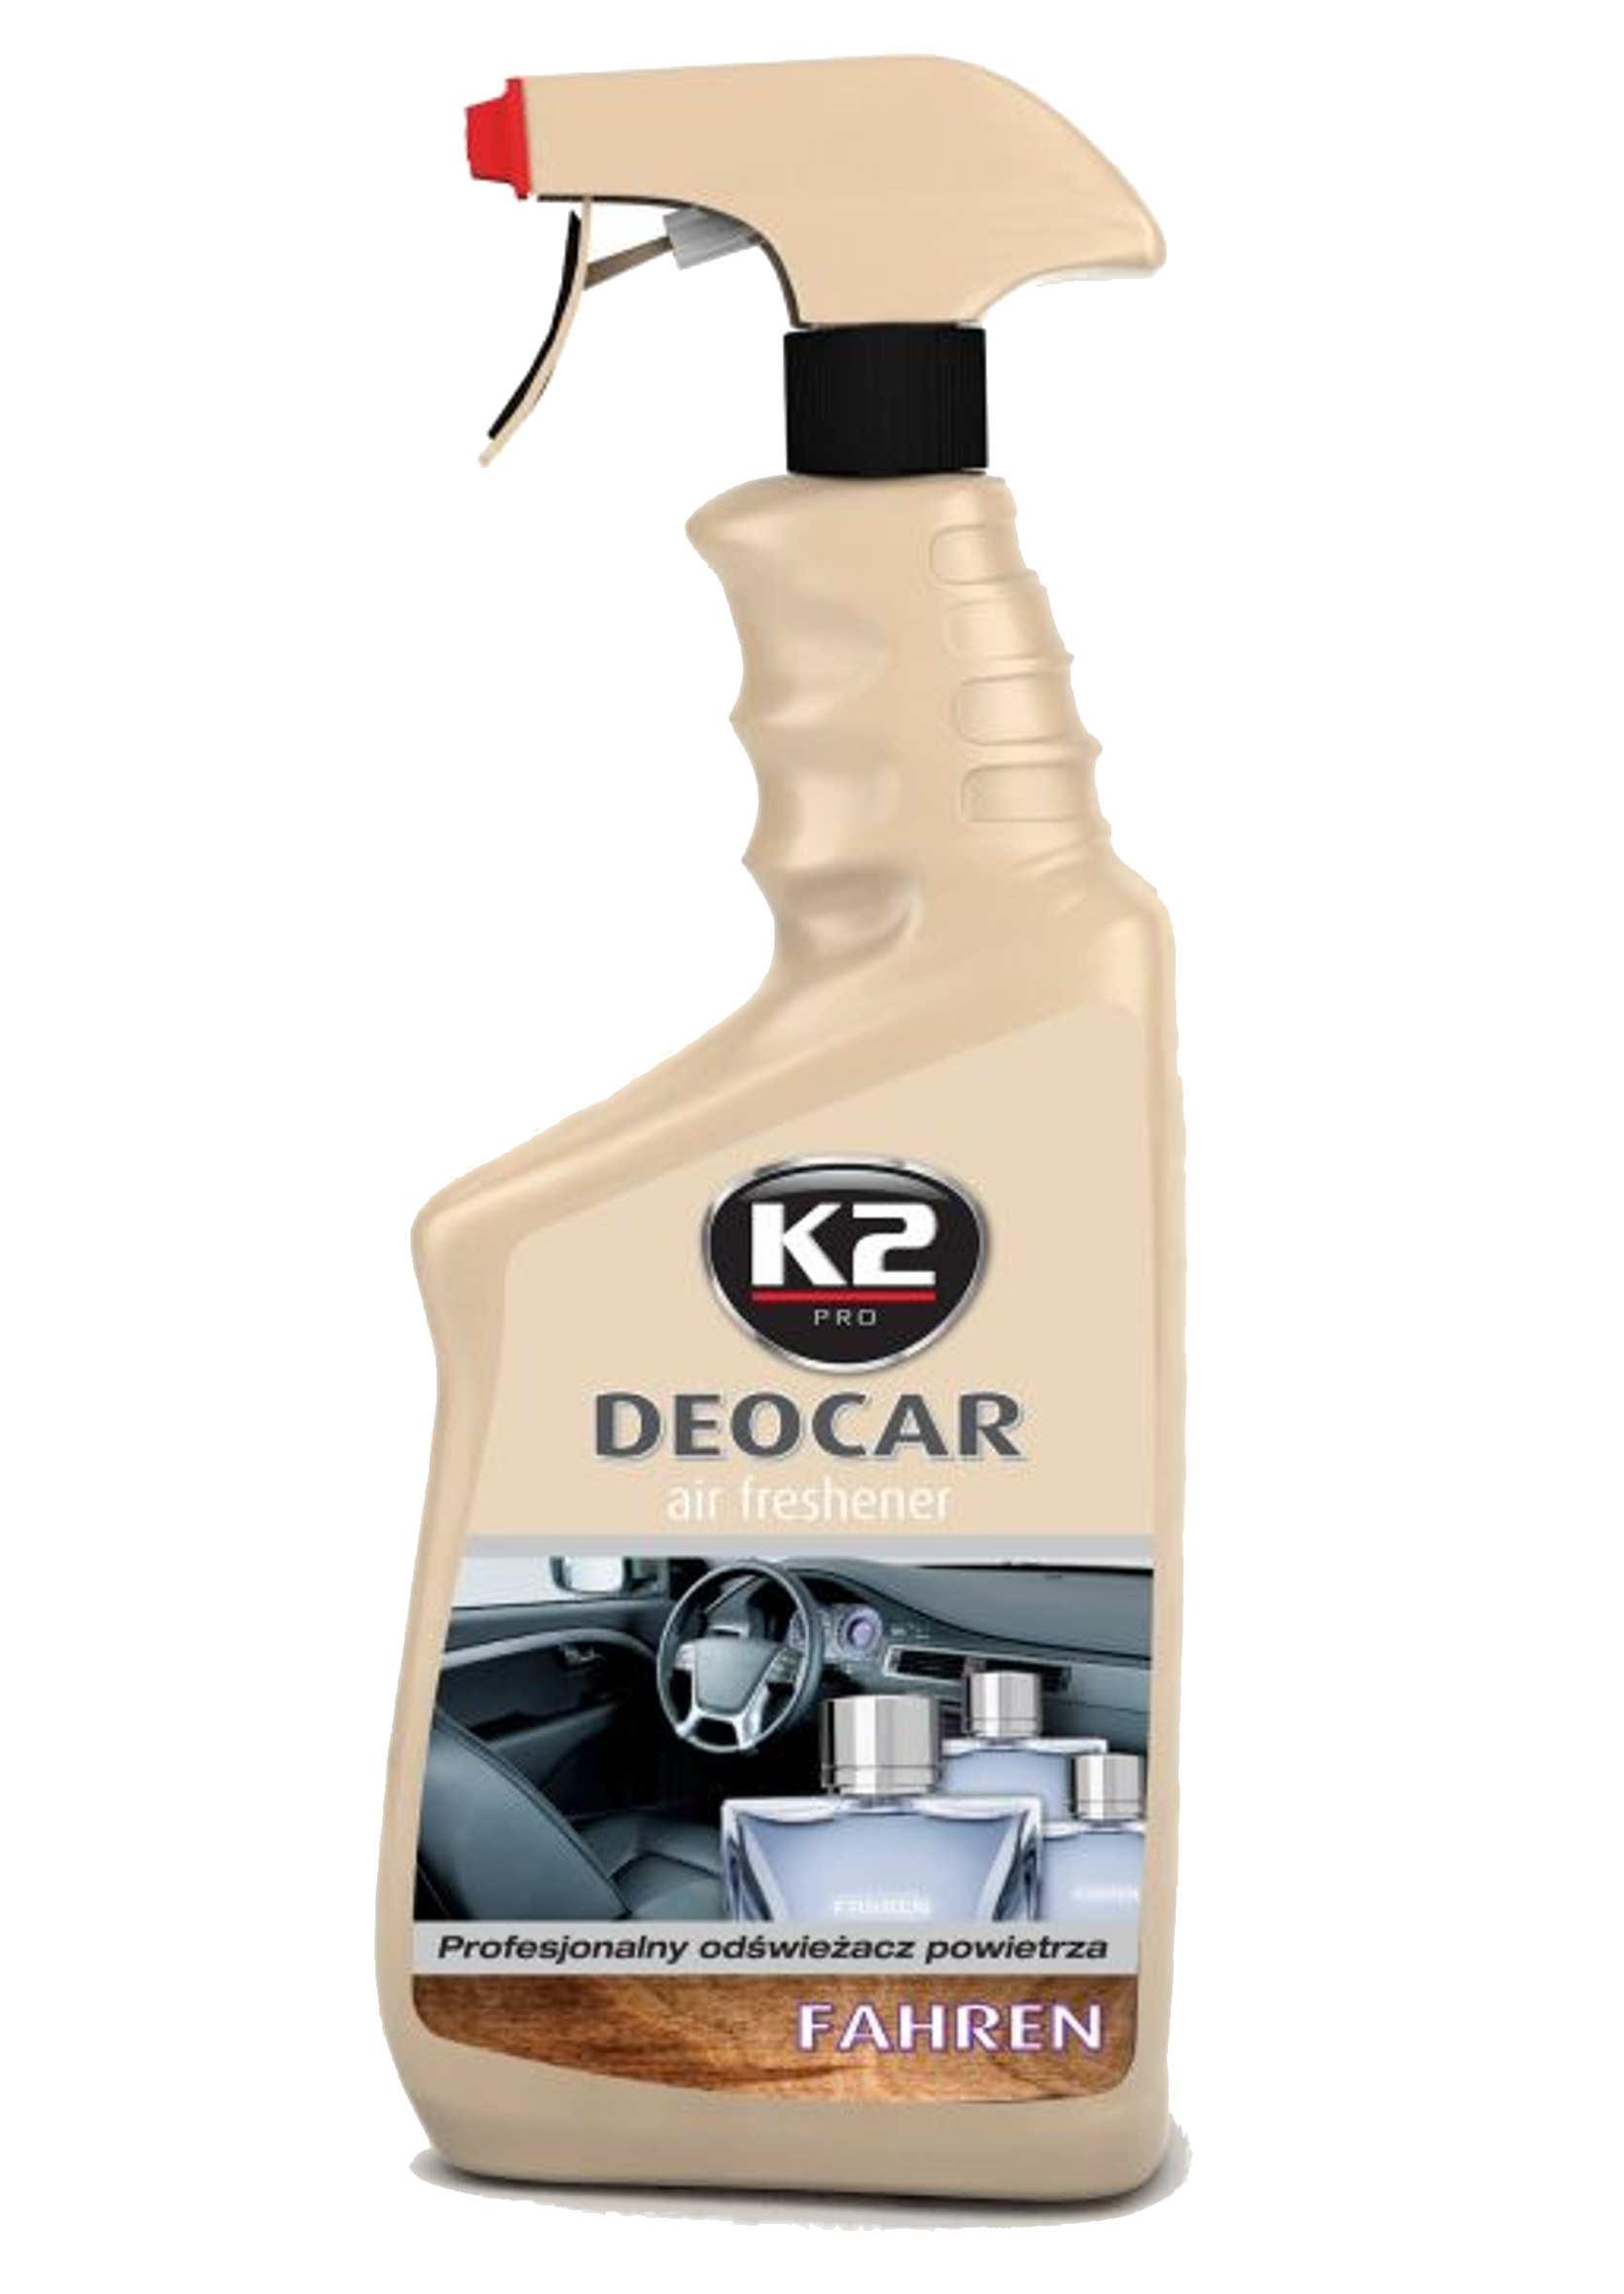 K2 Deocar Fahren 700ml Odświeżacz Powietrza w Atomizerze